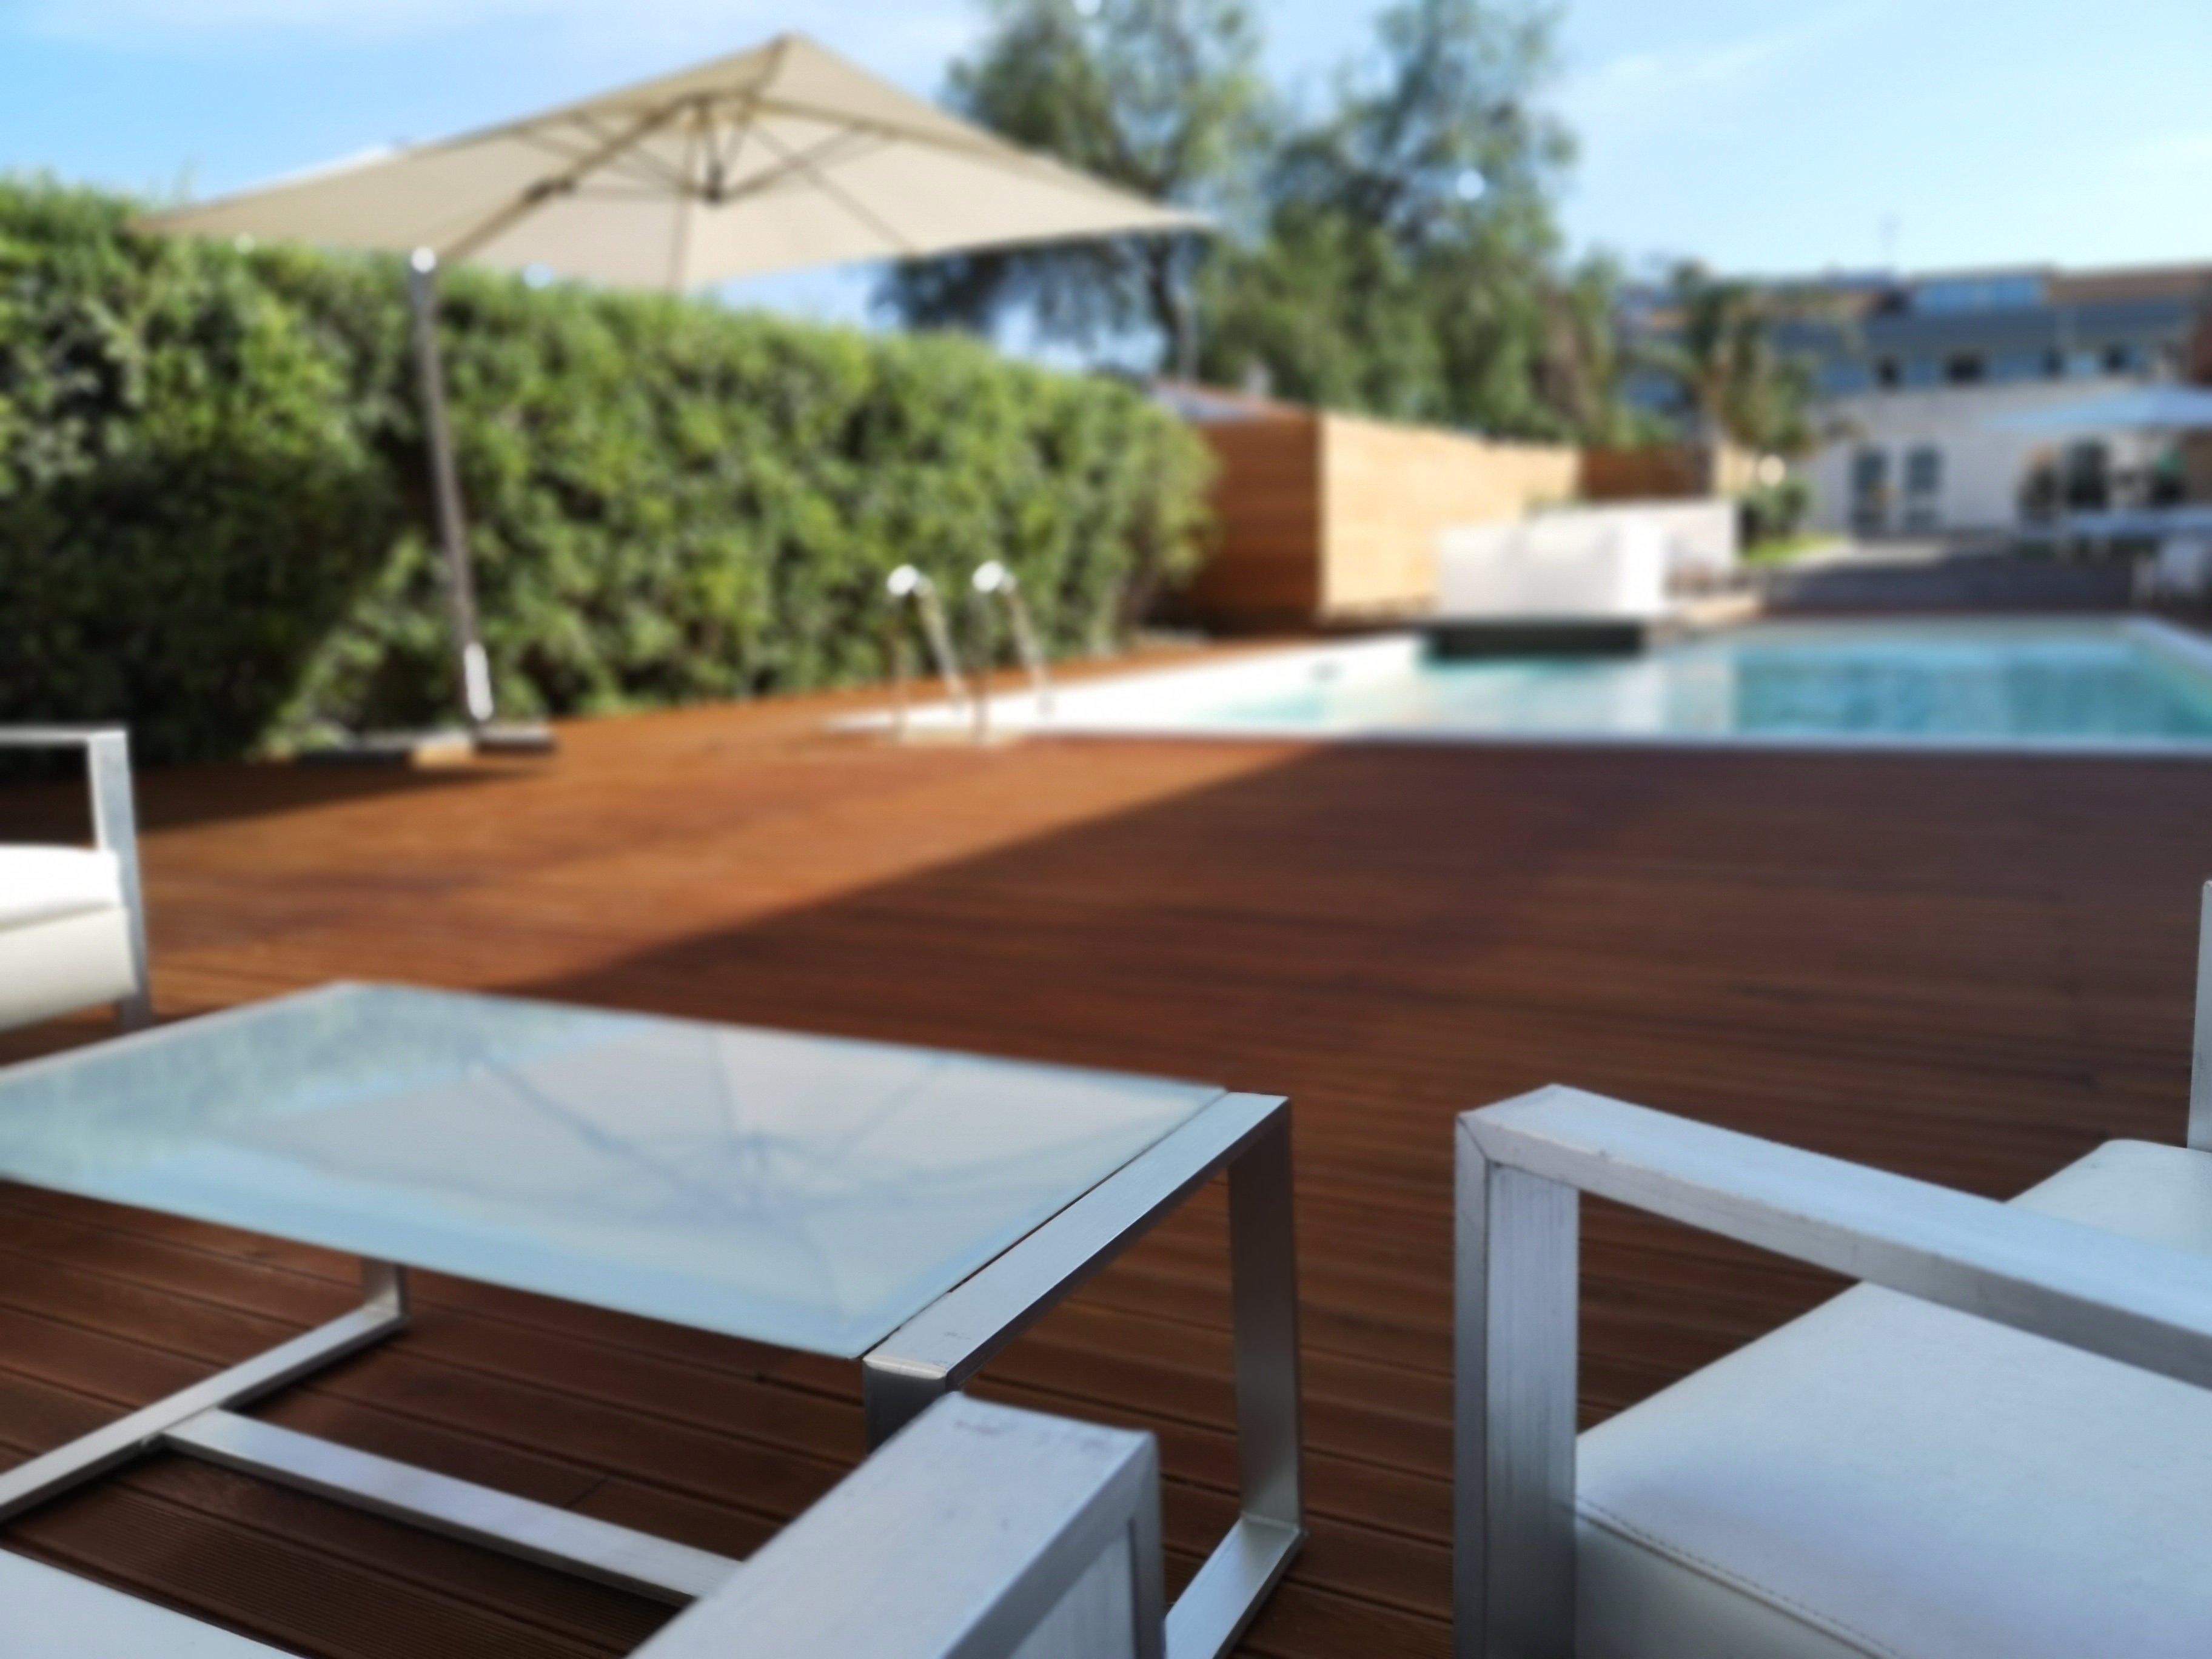 Piscina SHS Sicilia Hotel Spa